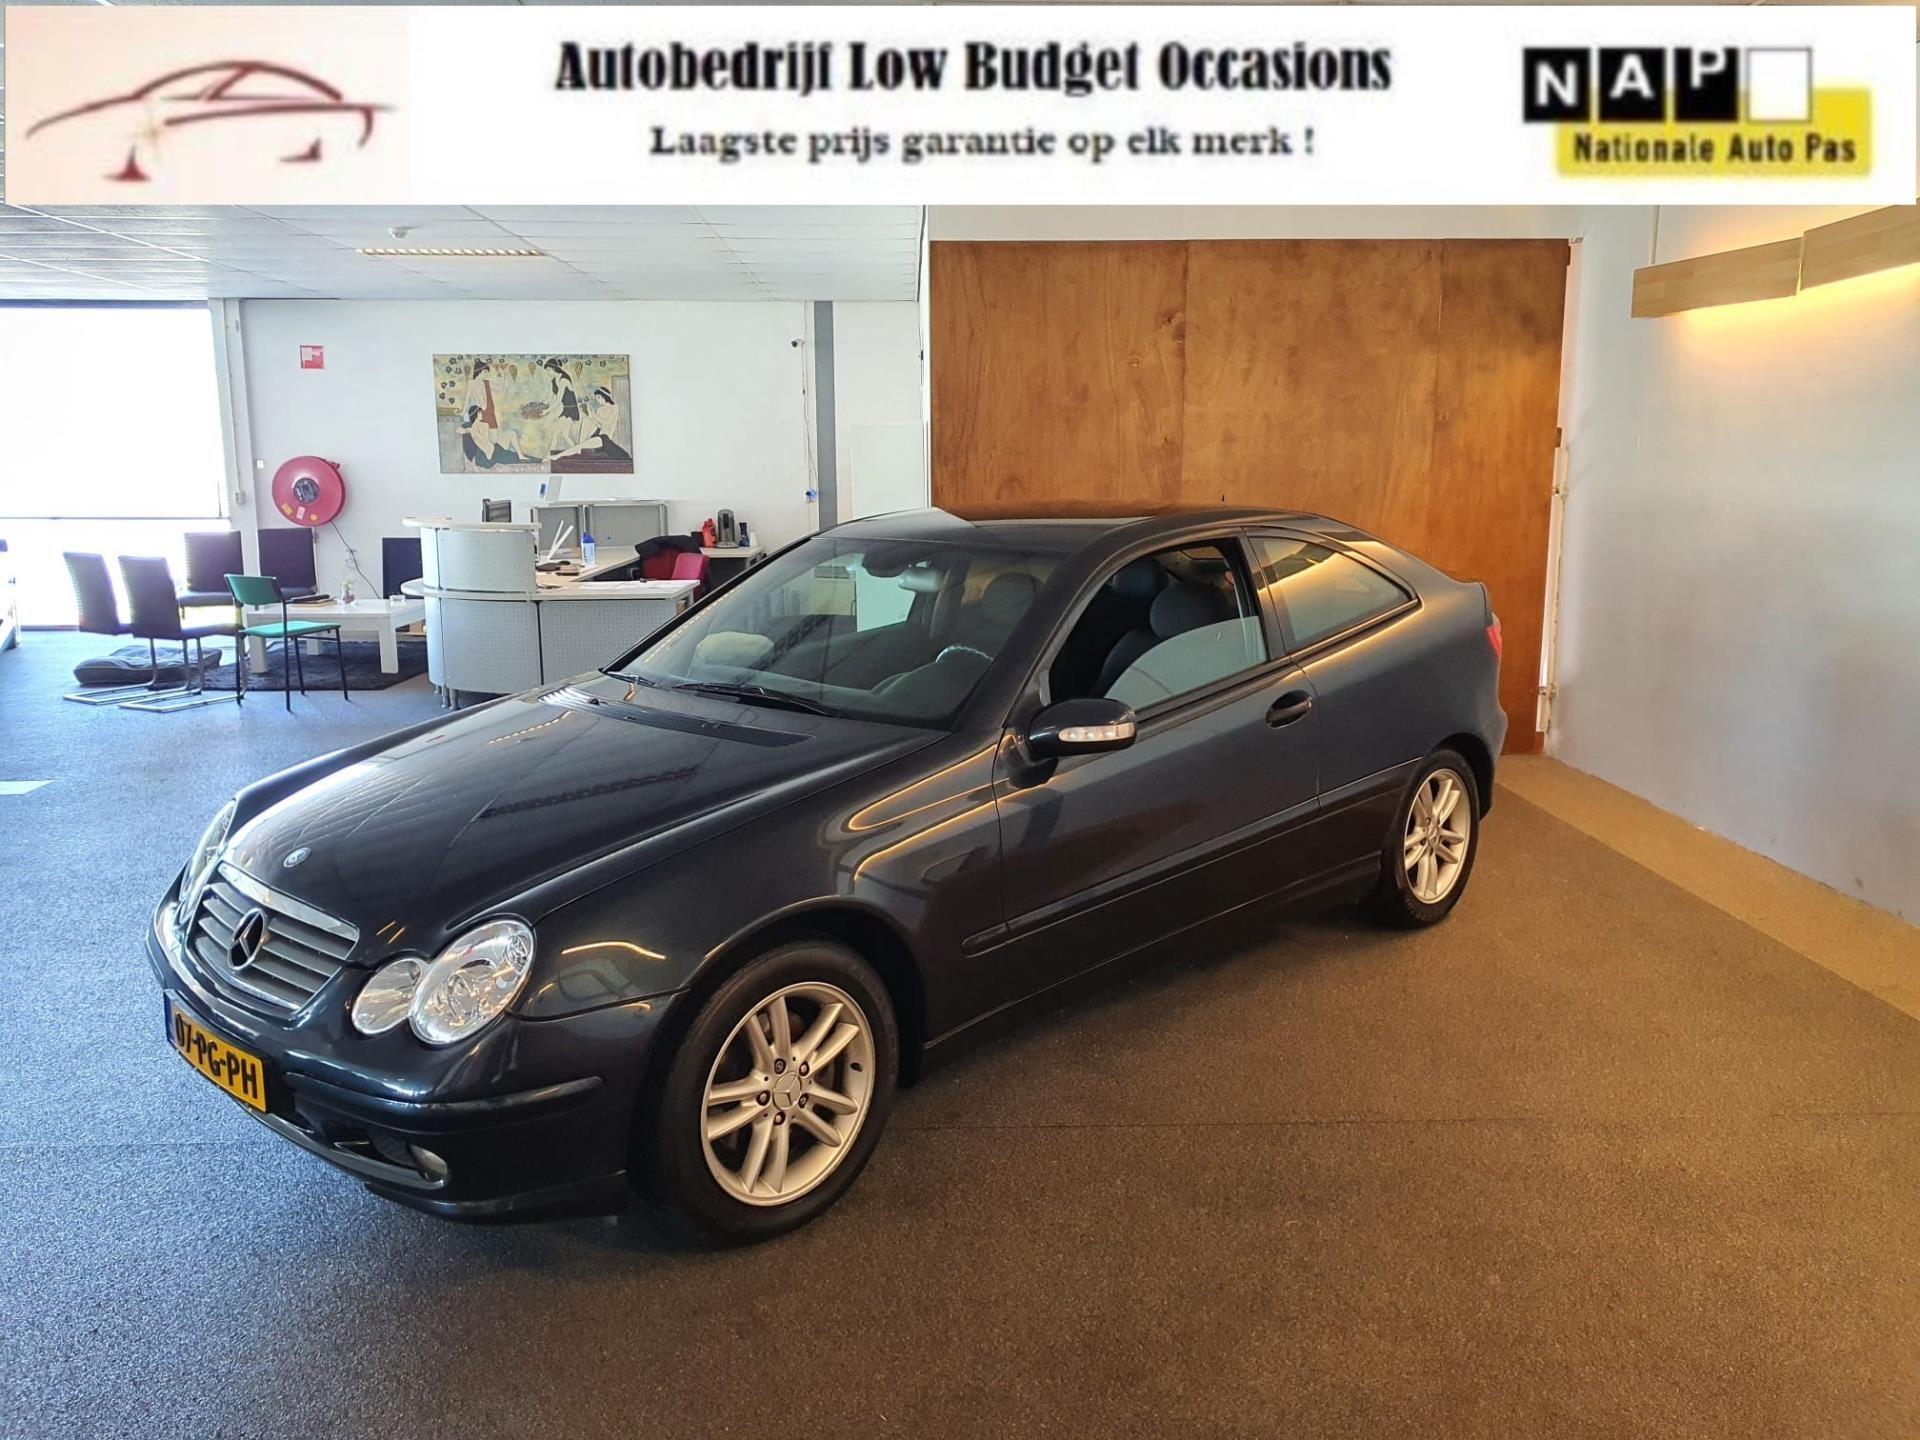 Mercedes-Benz C-klasse Sportcoupé occasion - Low Budget Occasions